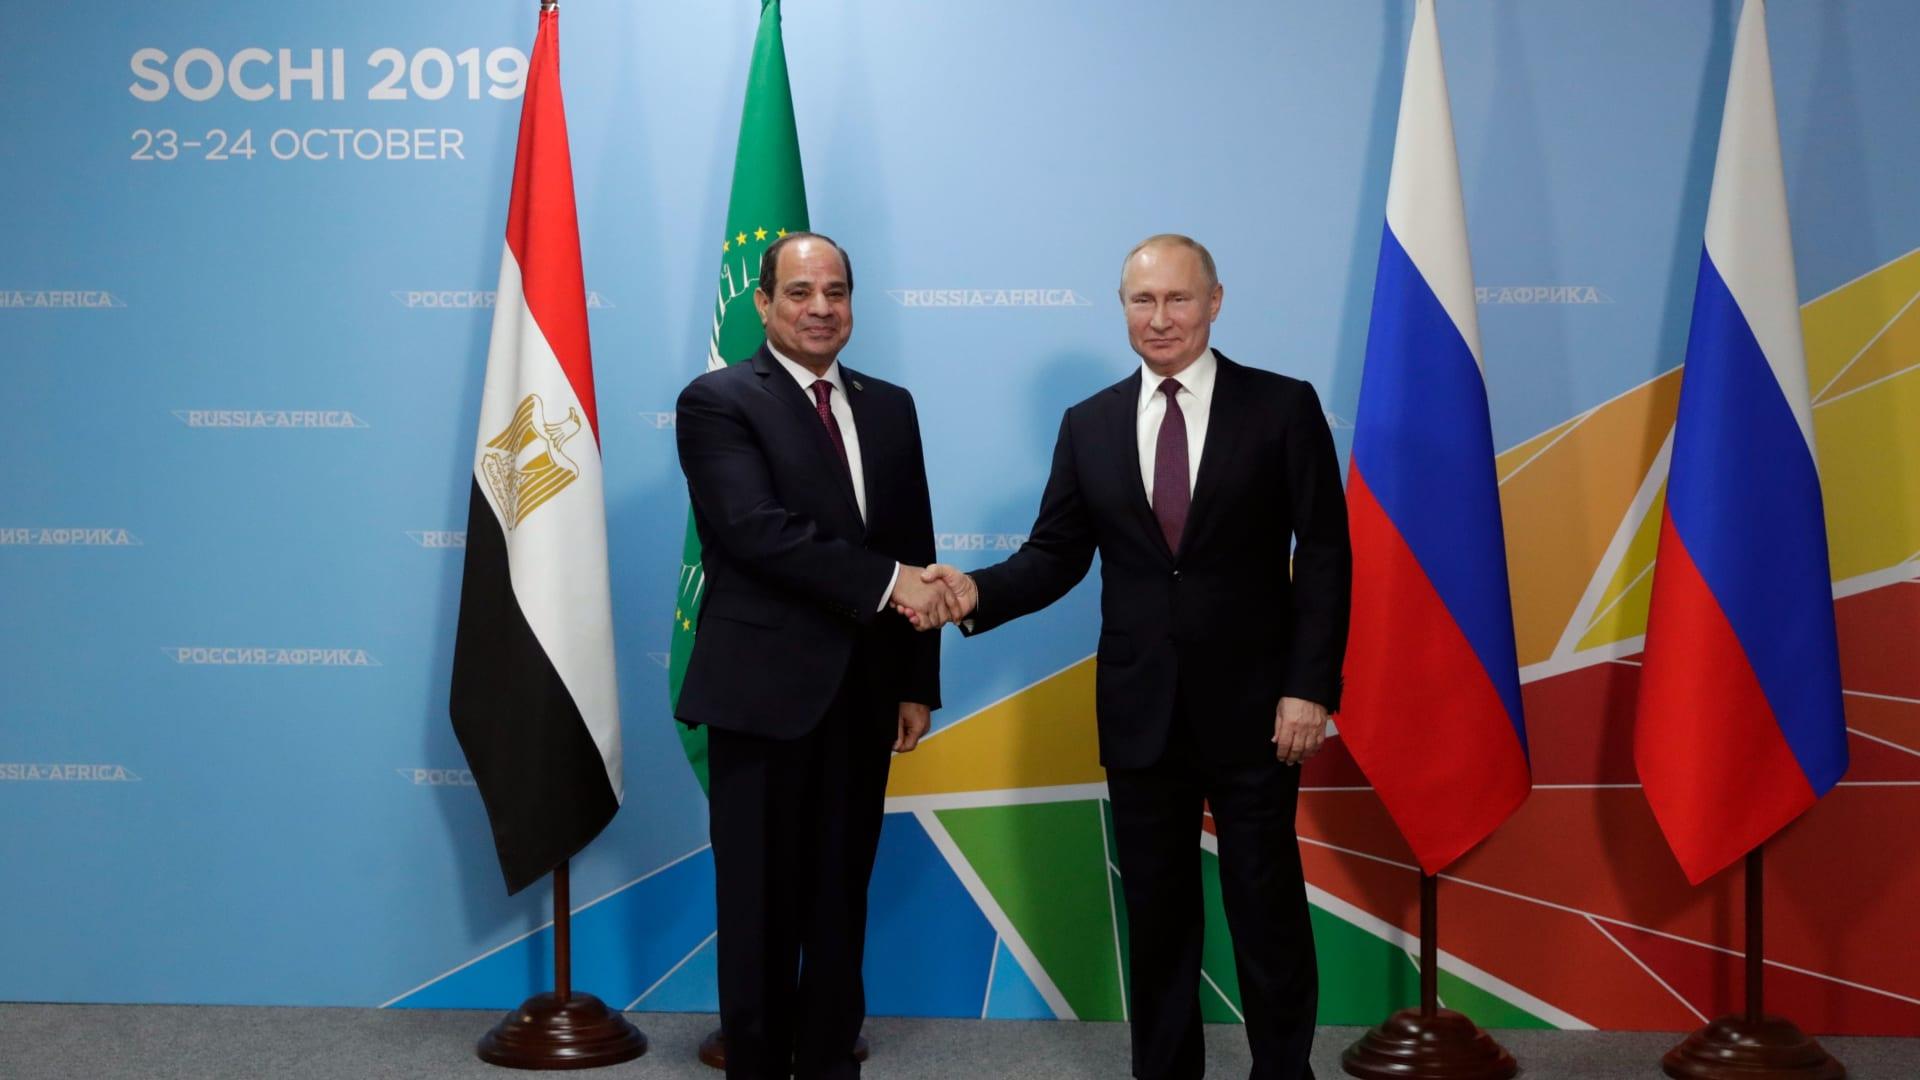 آلان بجاني لـCNN: الإصلاحات في السعودية ومصر قصتان رائعتان